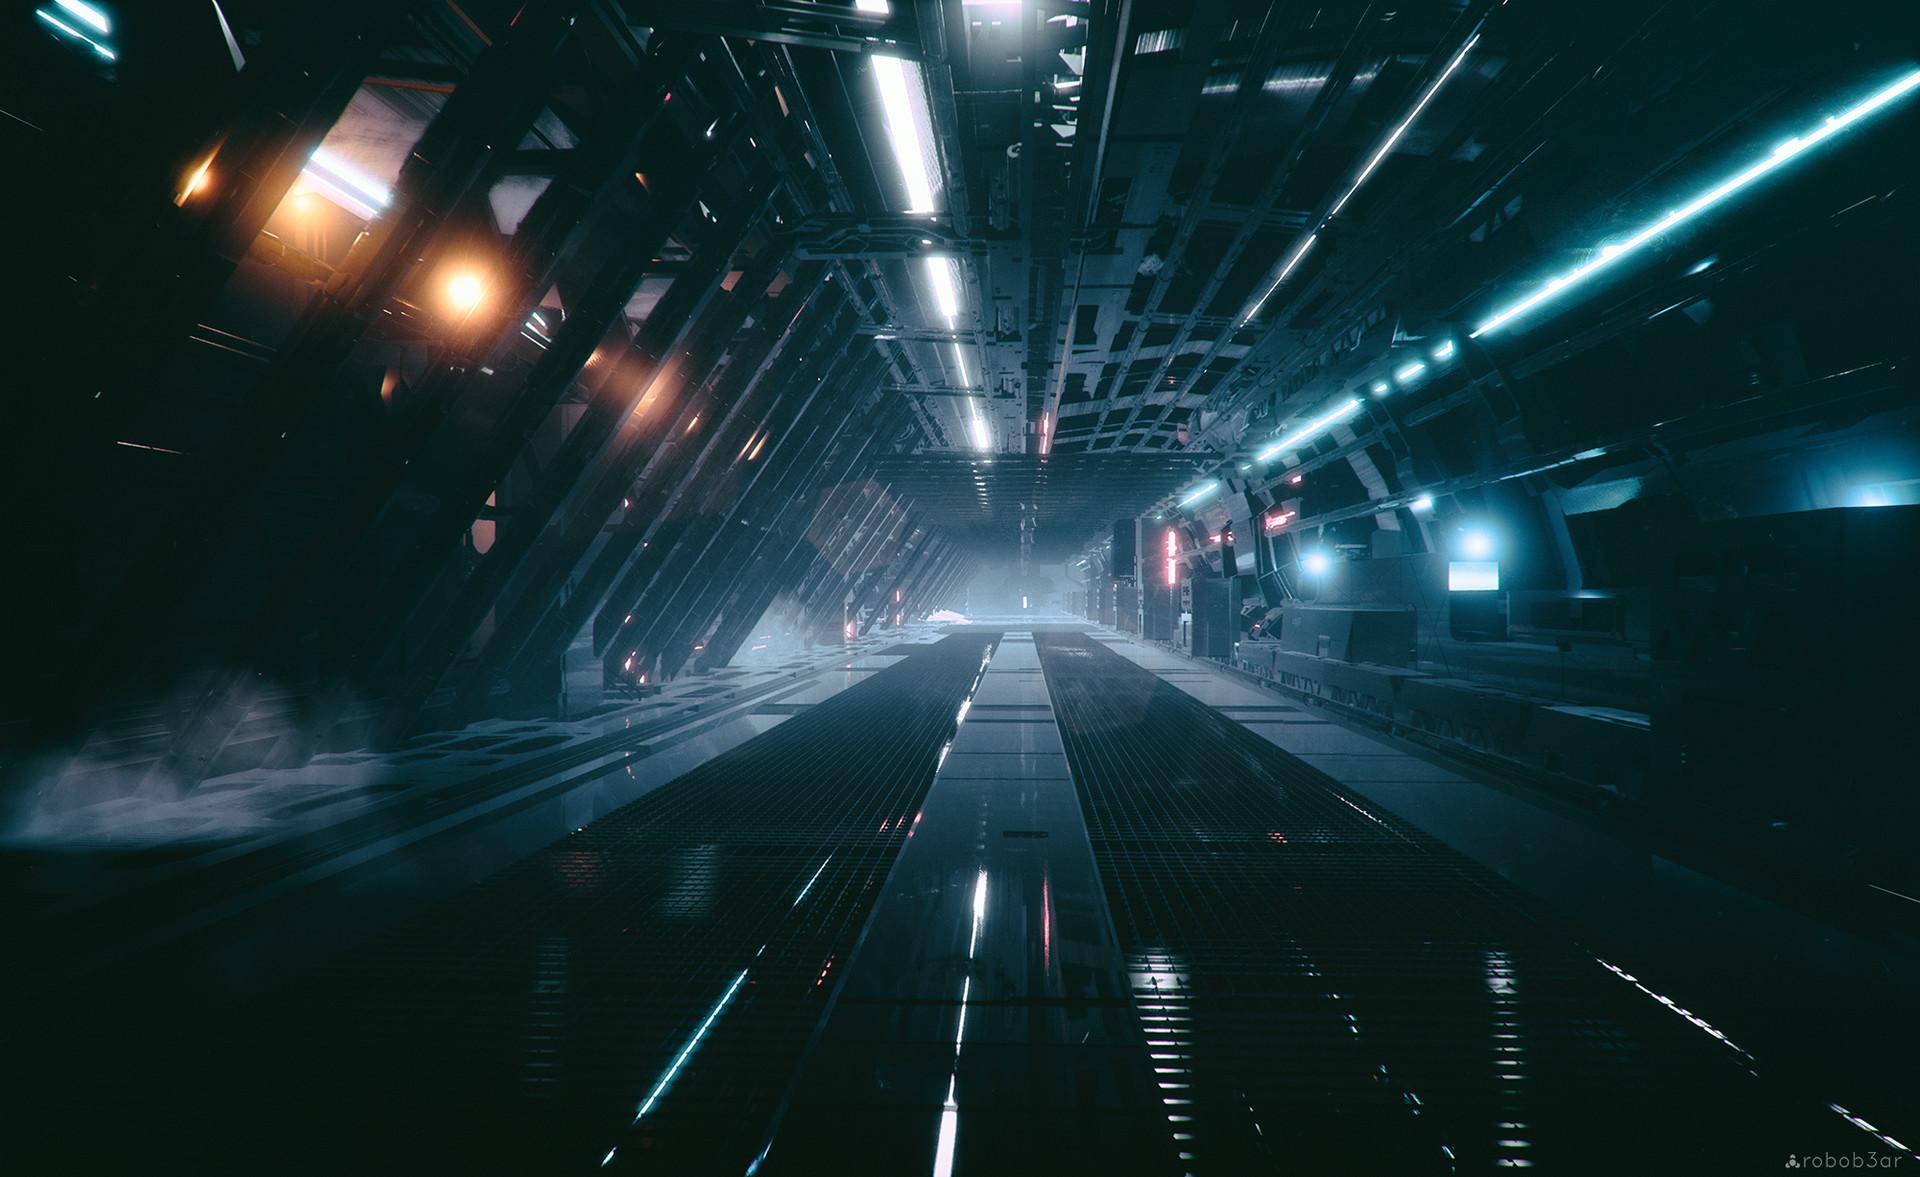 Kresimir jelusic robob3ar 485 19 1 2017 corridor ue 2k